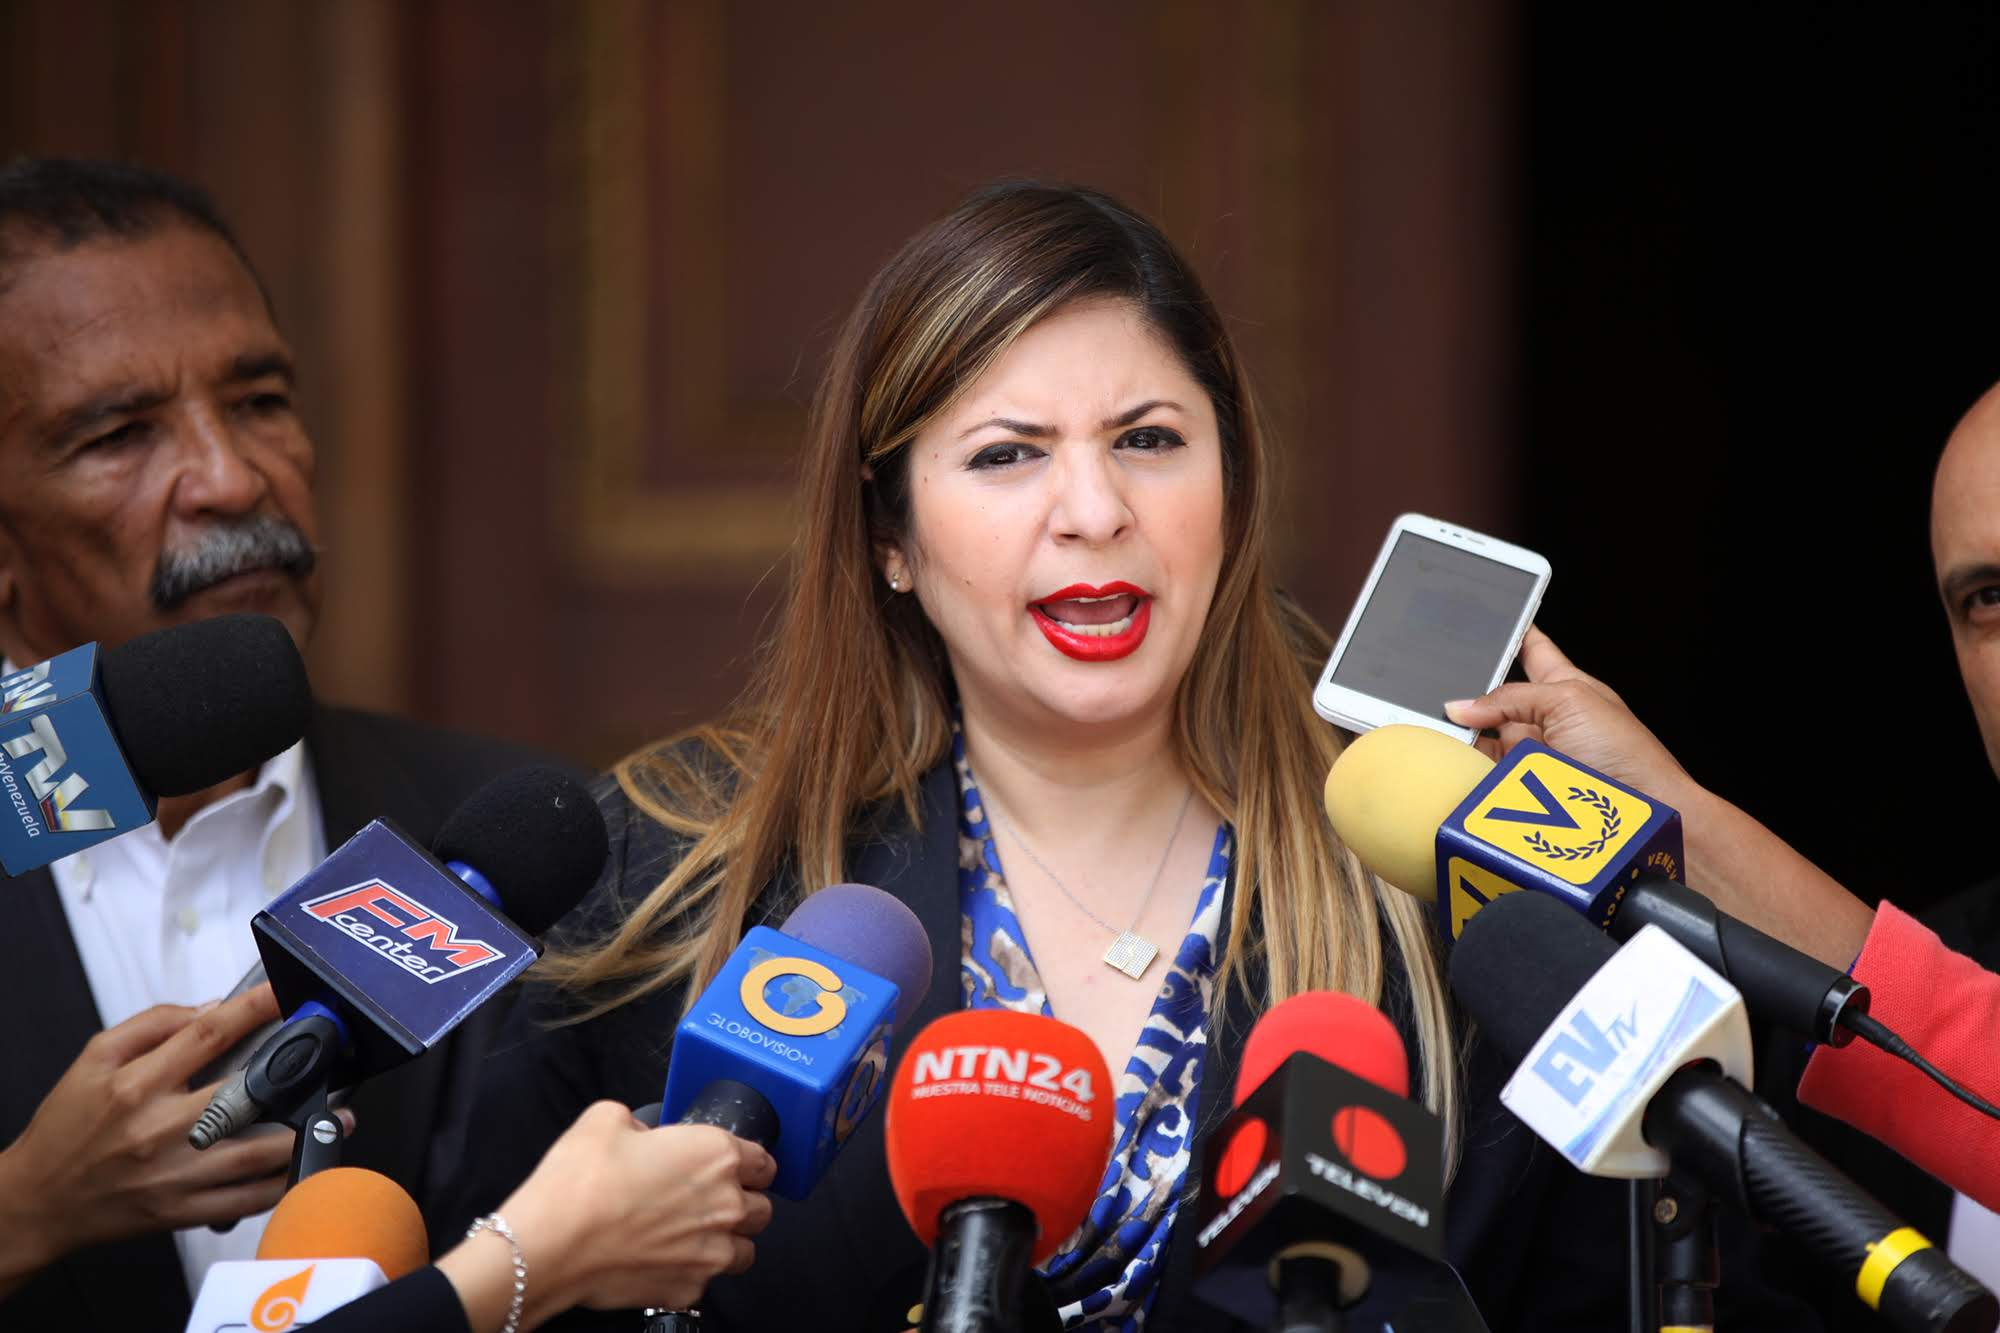 Comisión de Administración y Servicios de la AN llevará colapso del Zulia ante organismos internacionales